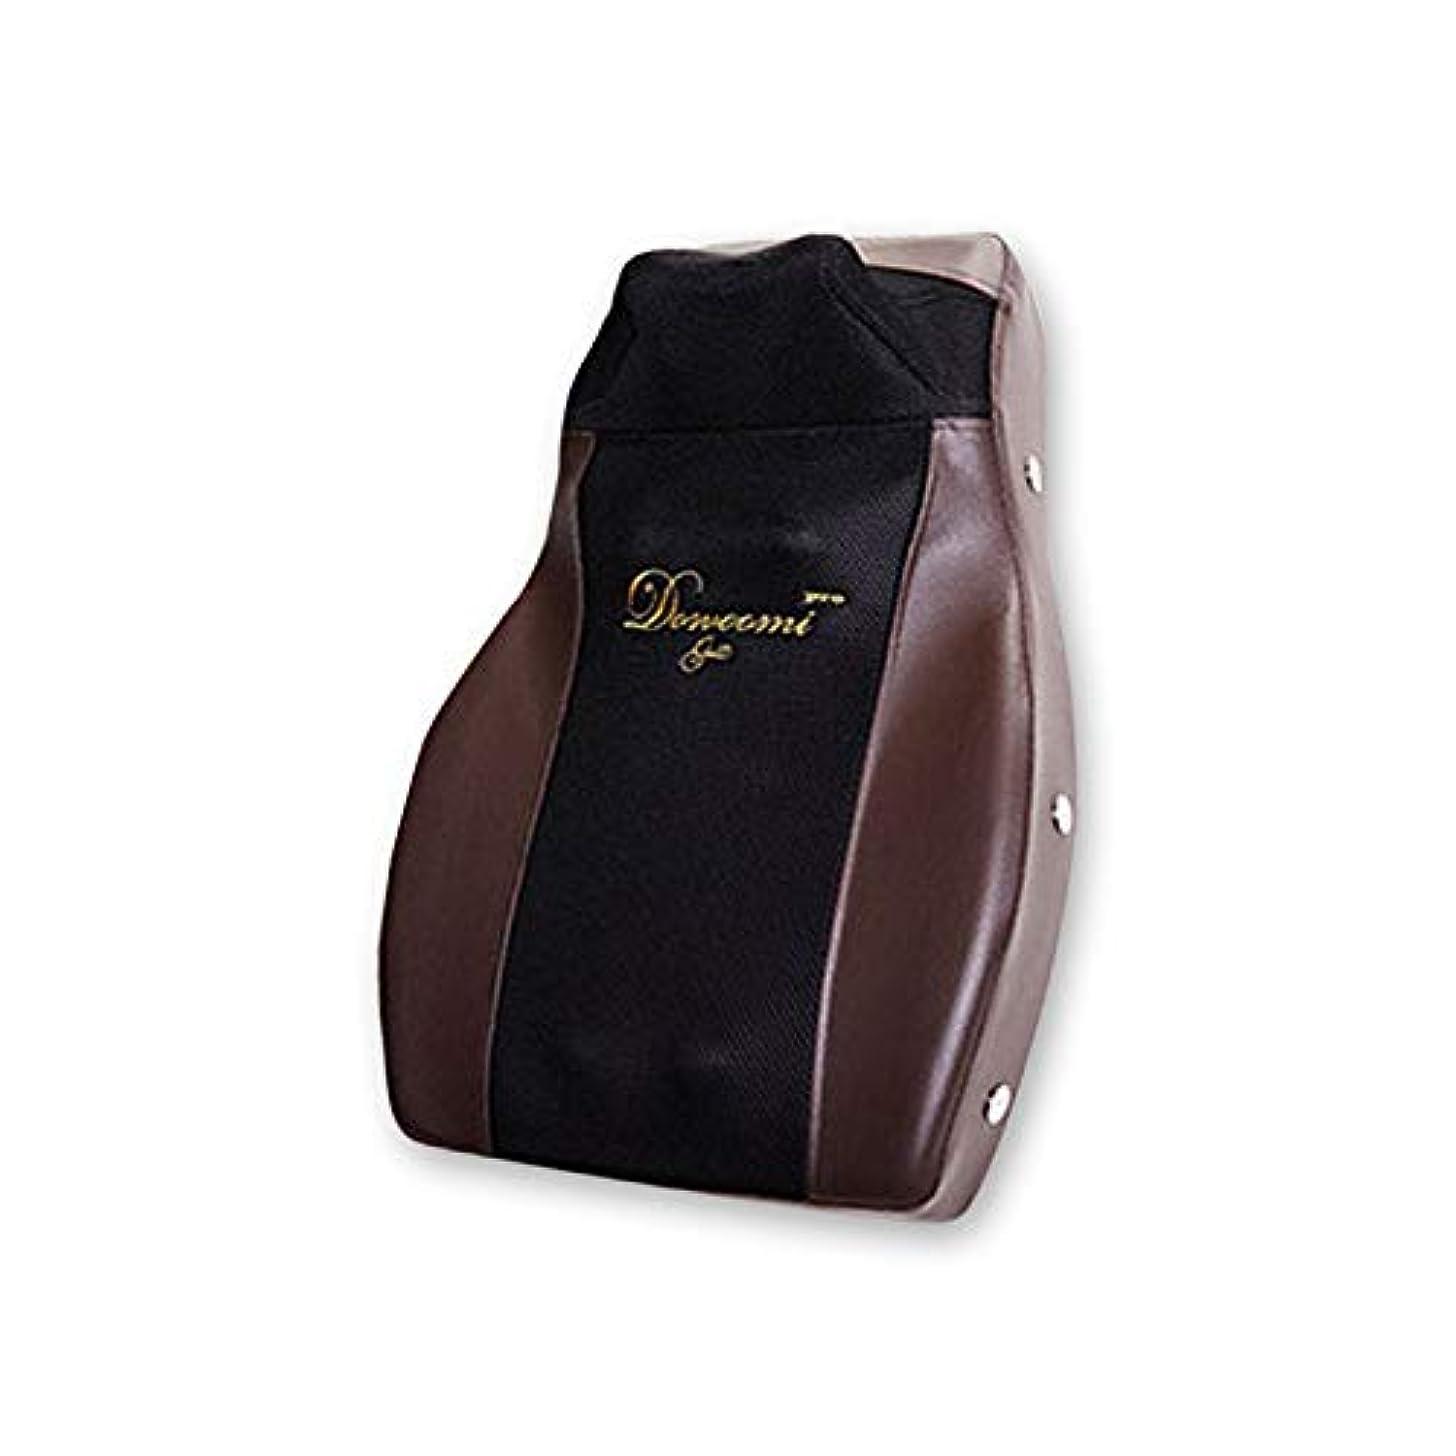 ジムディスカウントフリッパーWellbeing Dowoomi Massager Gold Pro ドウミ マッサージ クッション ゴールド プロ [並行輸入品]